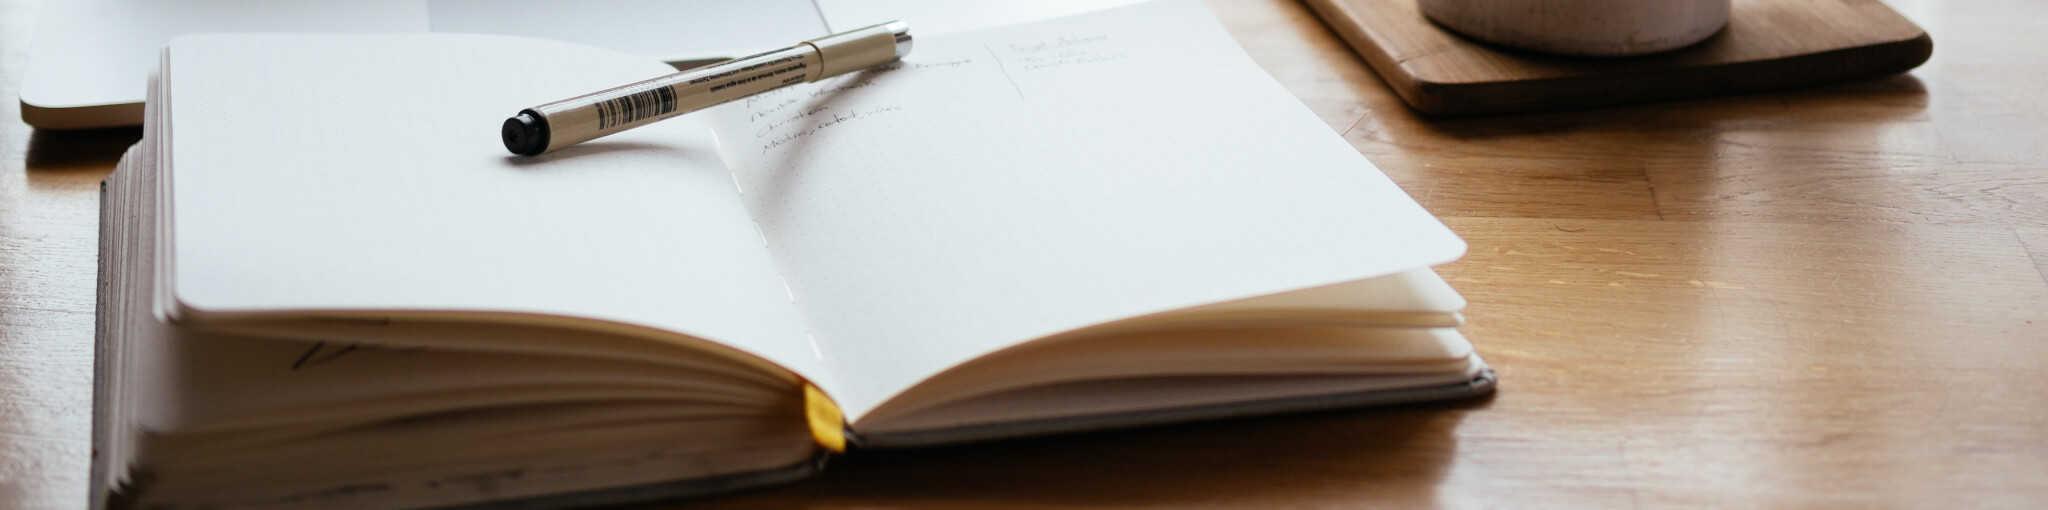 כתיבת ביוגרפיות